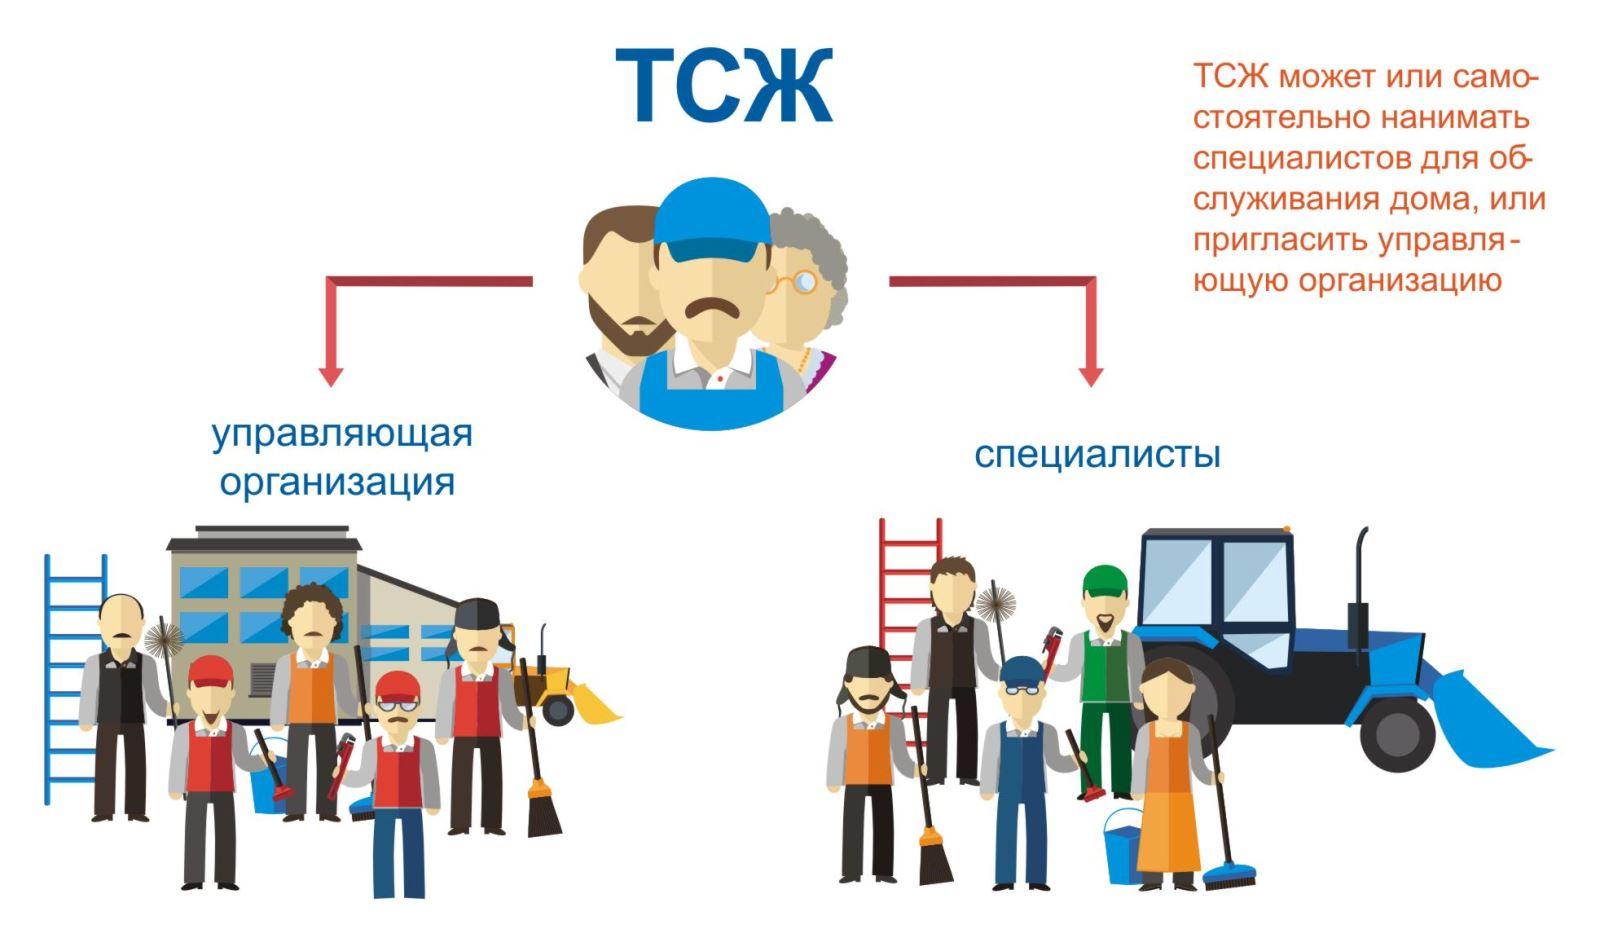 Организация работы ТСЖ